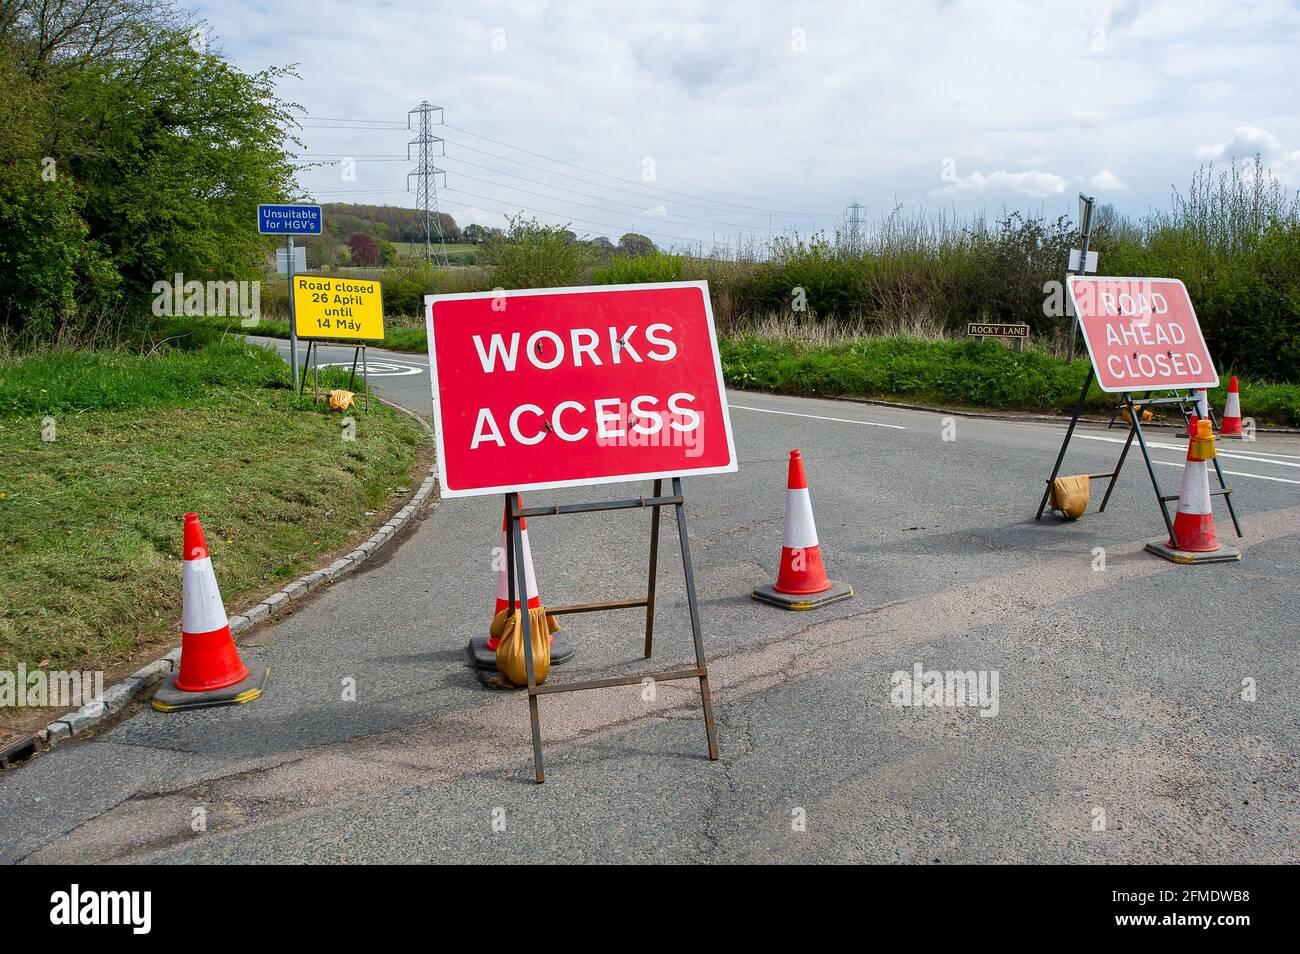 Aylesbury vale, Buckinghamshire, Regno Unito. 29 aprile 2021. La HS2 ha chiuso Rocky Road fino al 14 maggio 2021 per ulteriori lavori sulla costruzione della ferrovia ad alta velocità da Londra a Birmingham. La sicurezza HS2 sta bloccando il traffico e le telecamere TVCC HS2 vengono utilizzate da HS2. HS2 ha anche chiuso un certo numero di sentieri locali tra cui la strada di collegamento da Rocky Lane a Durham Farm, tuttavia, nessuna delle chiusure dei sentieri sono elencati dal Consiglio Buckinghamshire sul loro sito web. Credito: Maureen McLean/Alamy Foto Stock